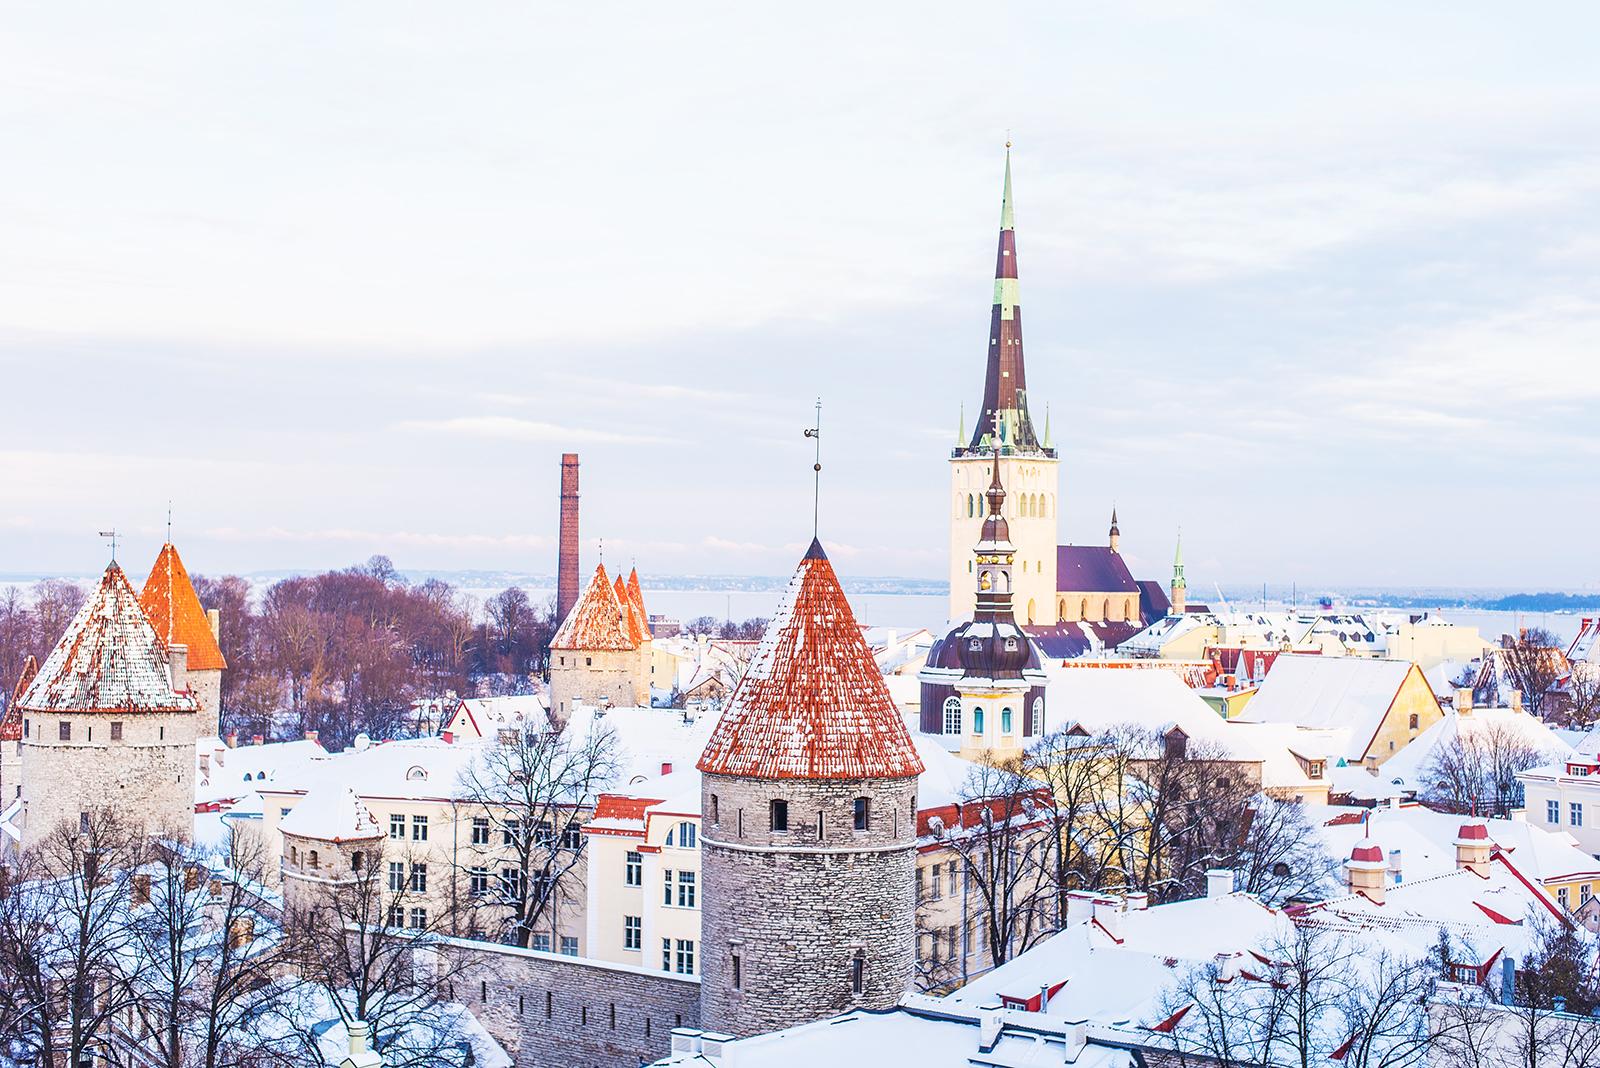 old town of tallinn, tallinn, estonia